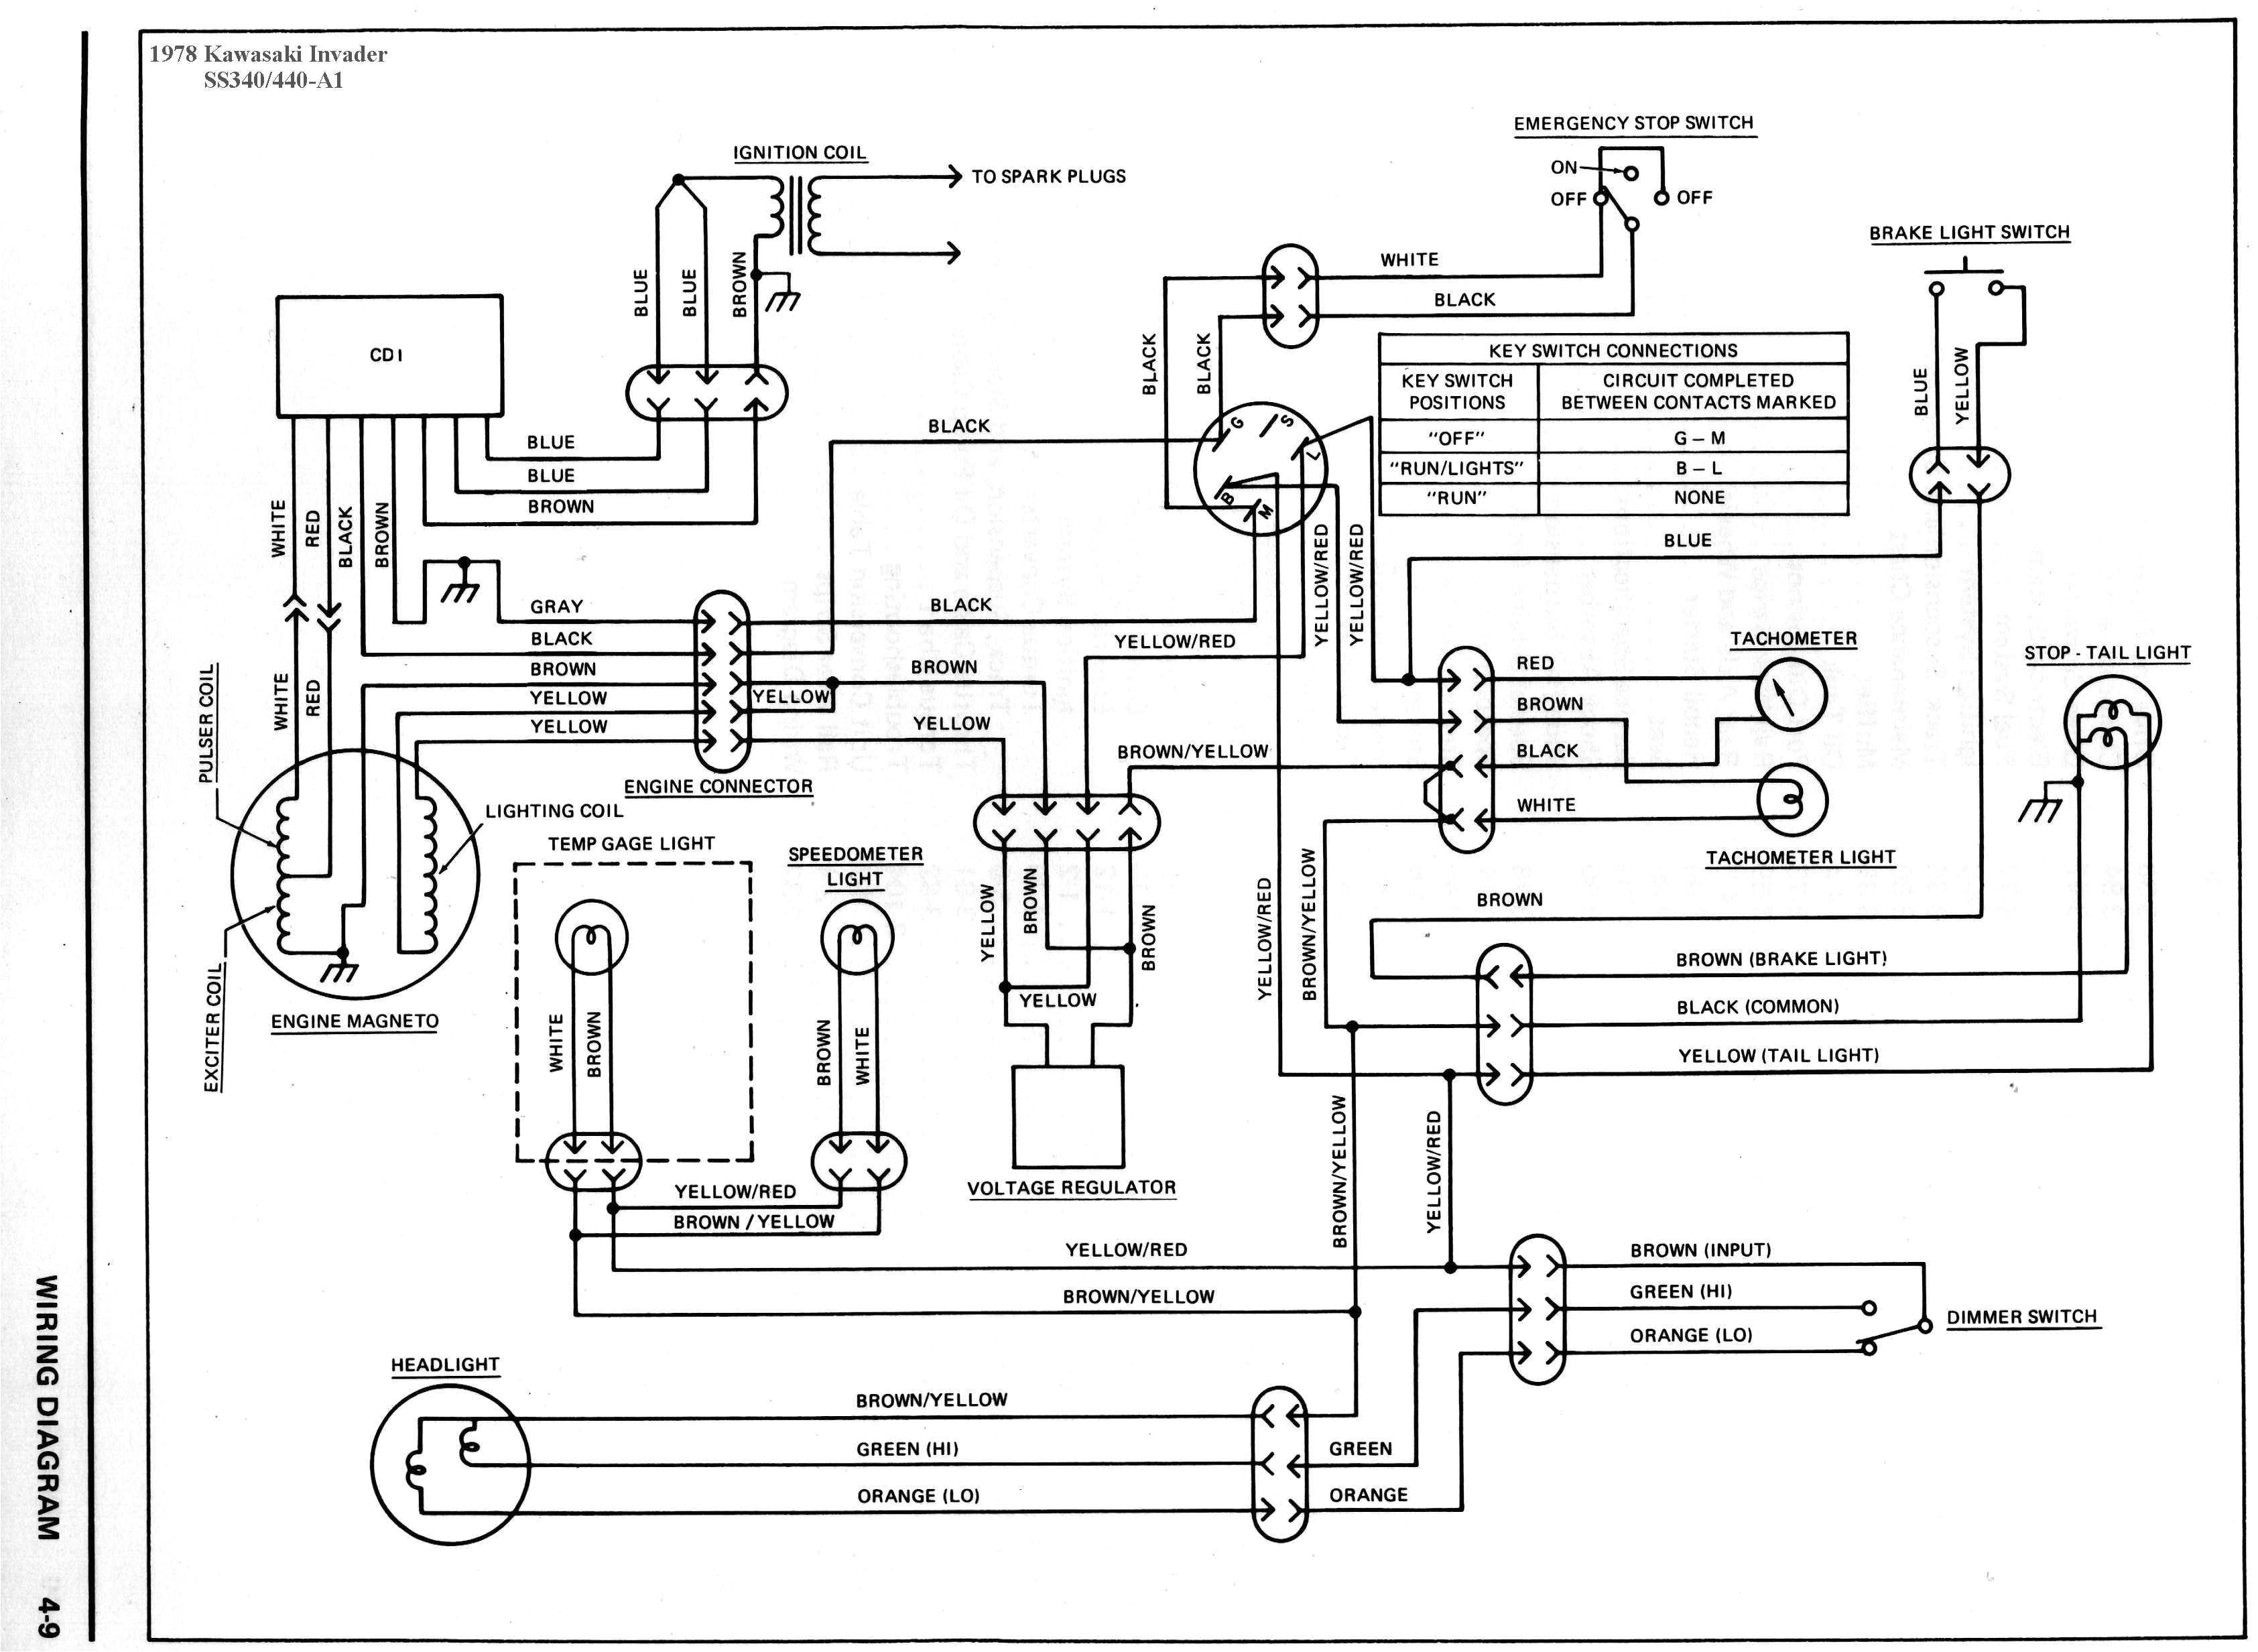 kawasaki ultra 150 wiring diagram wiring diagram name